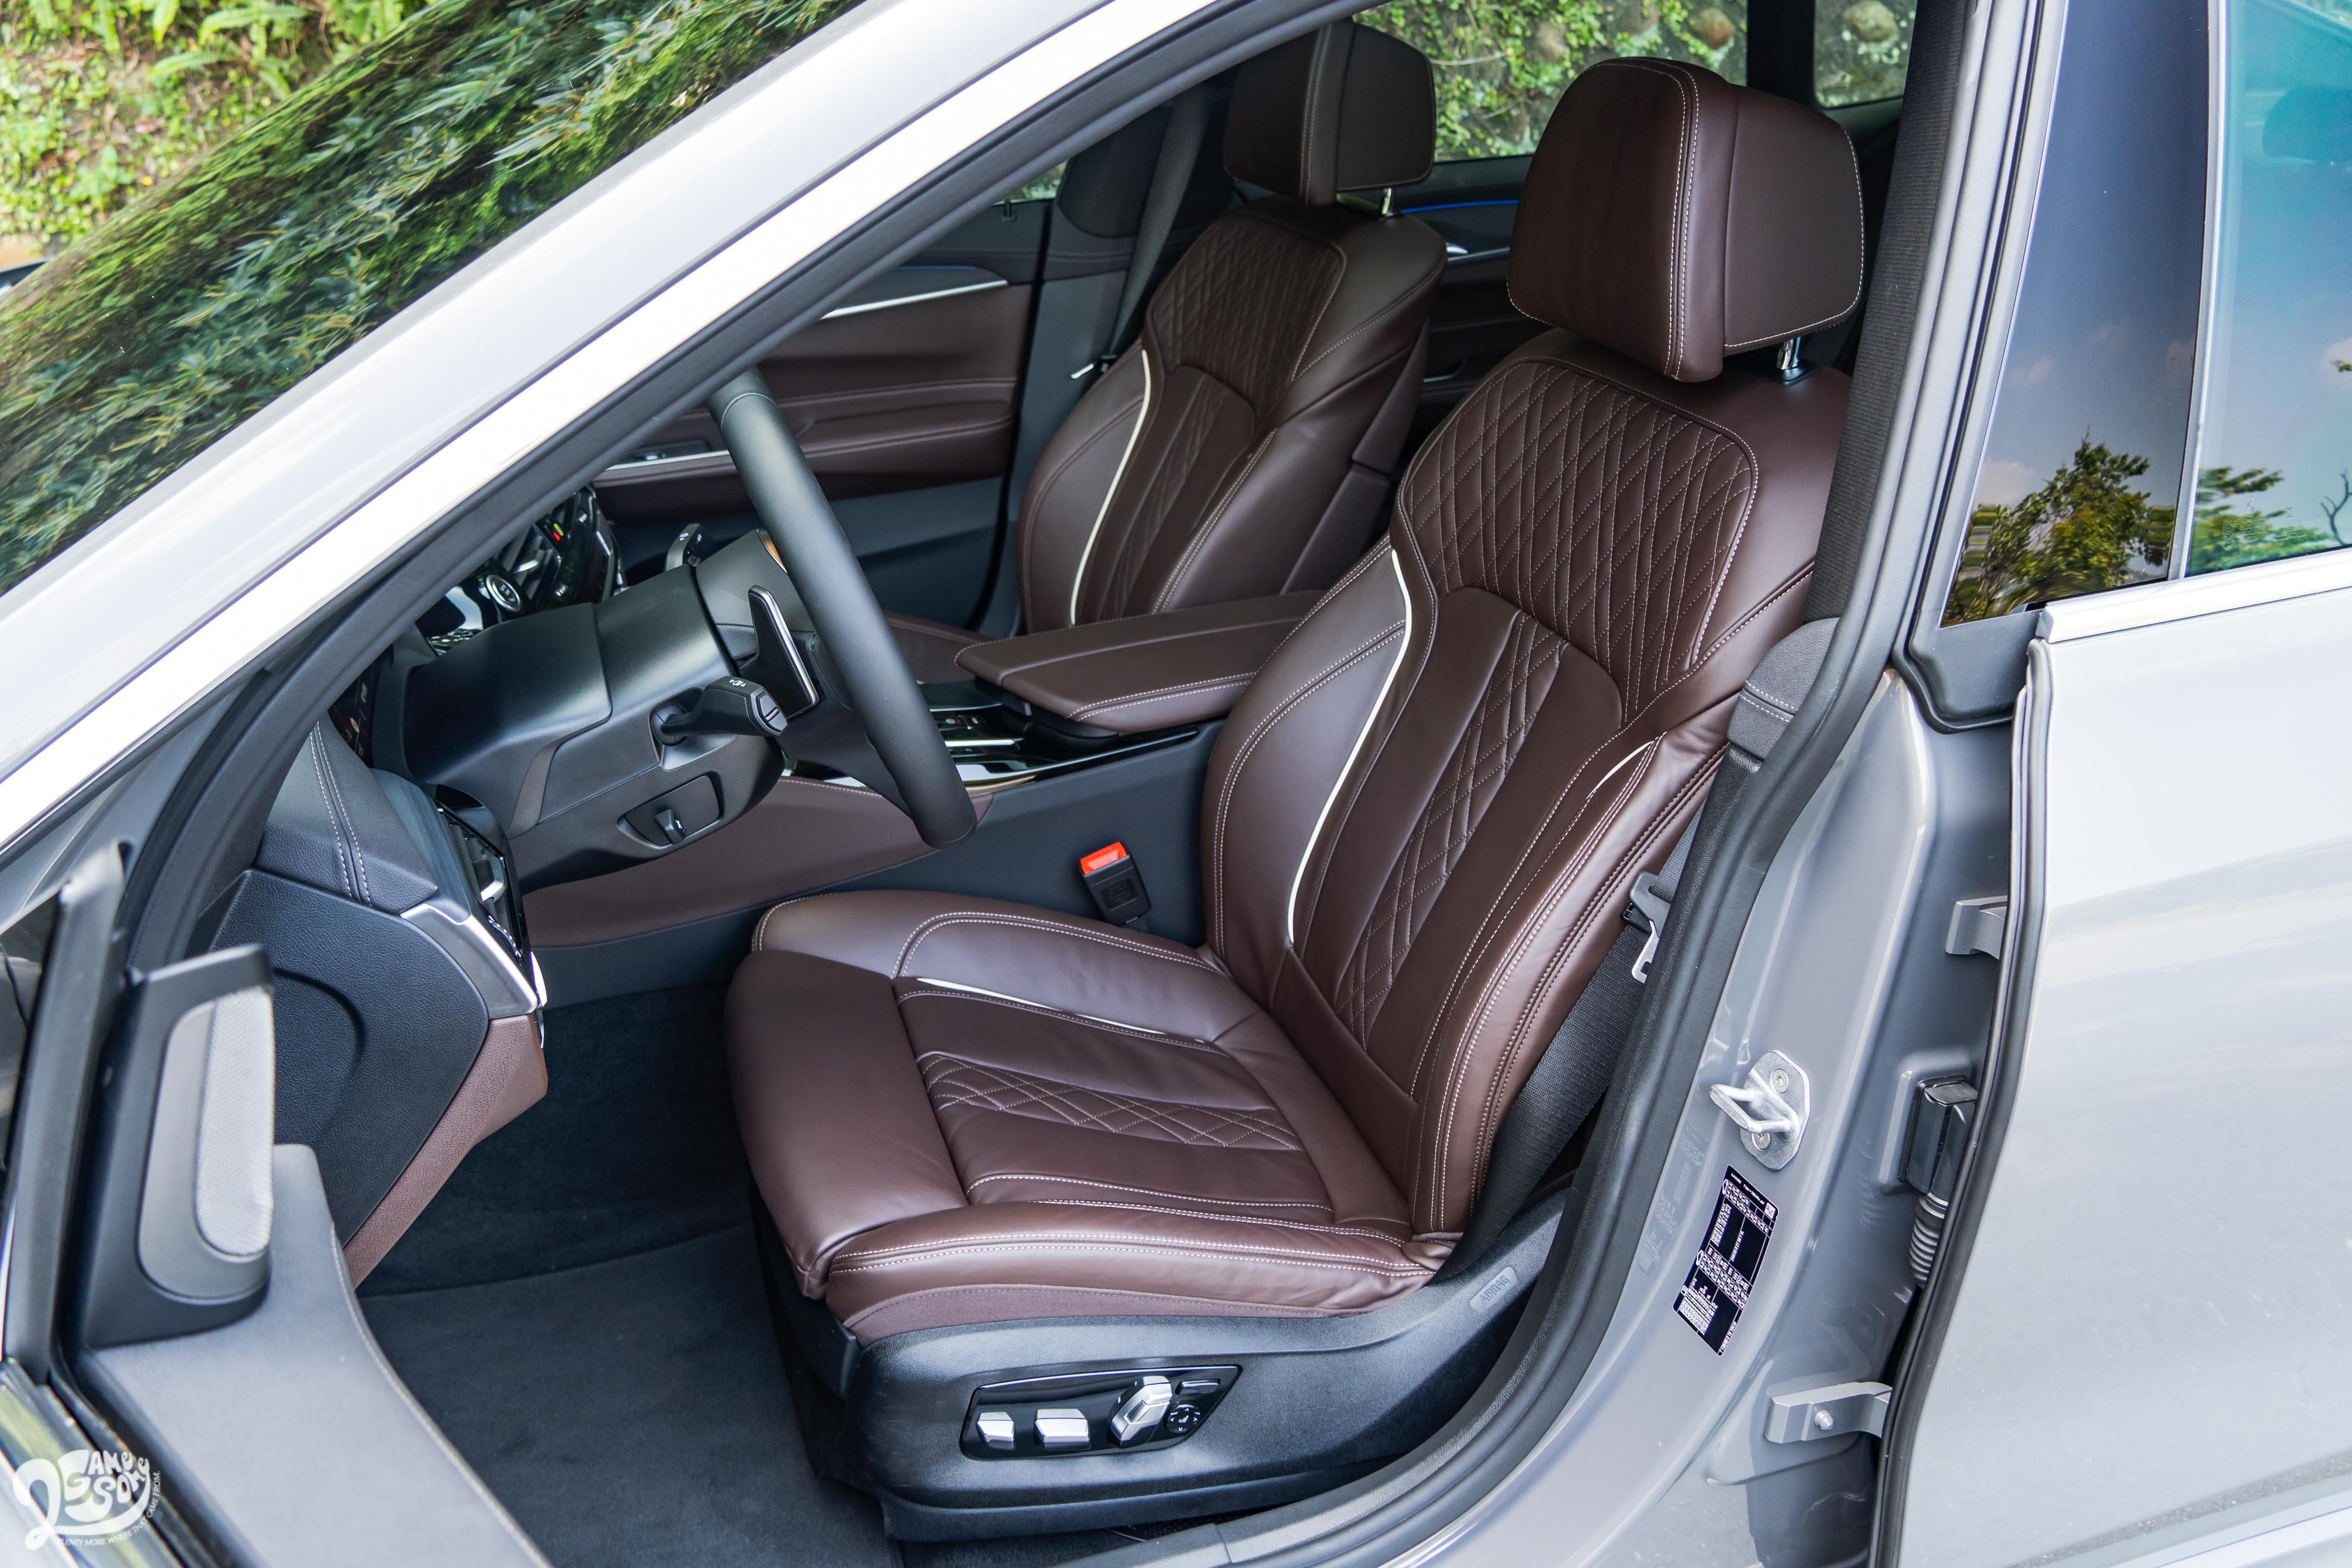 標配 Nappa 真皮內裝及舒適型前座椅。